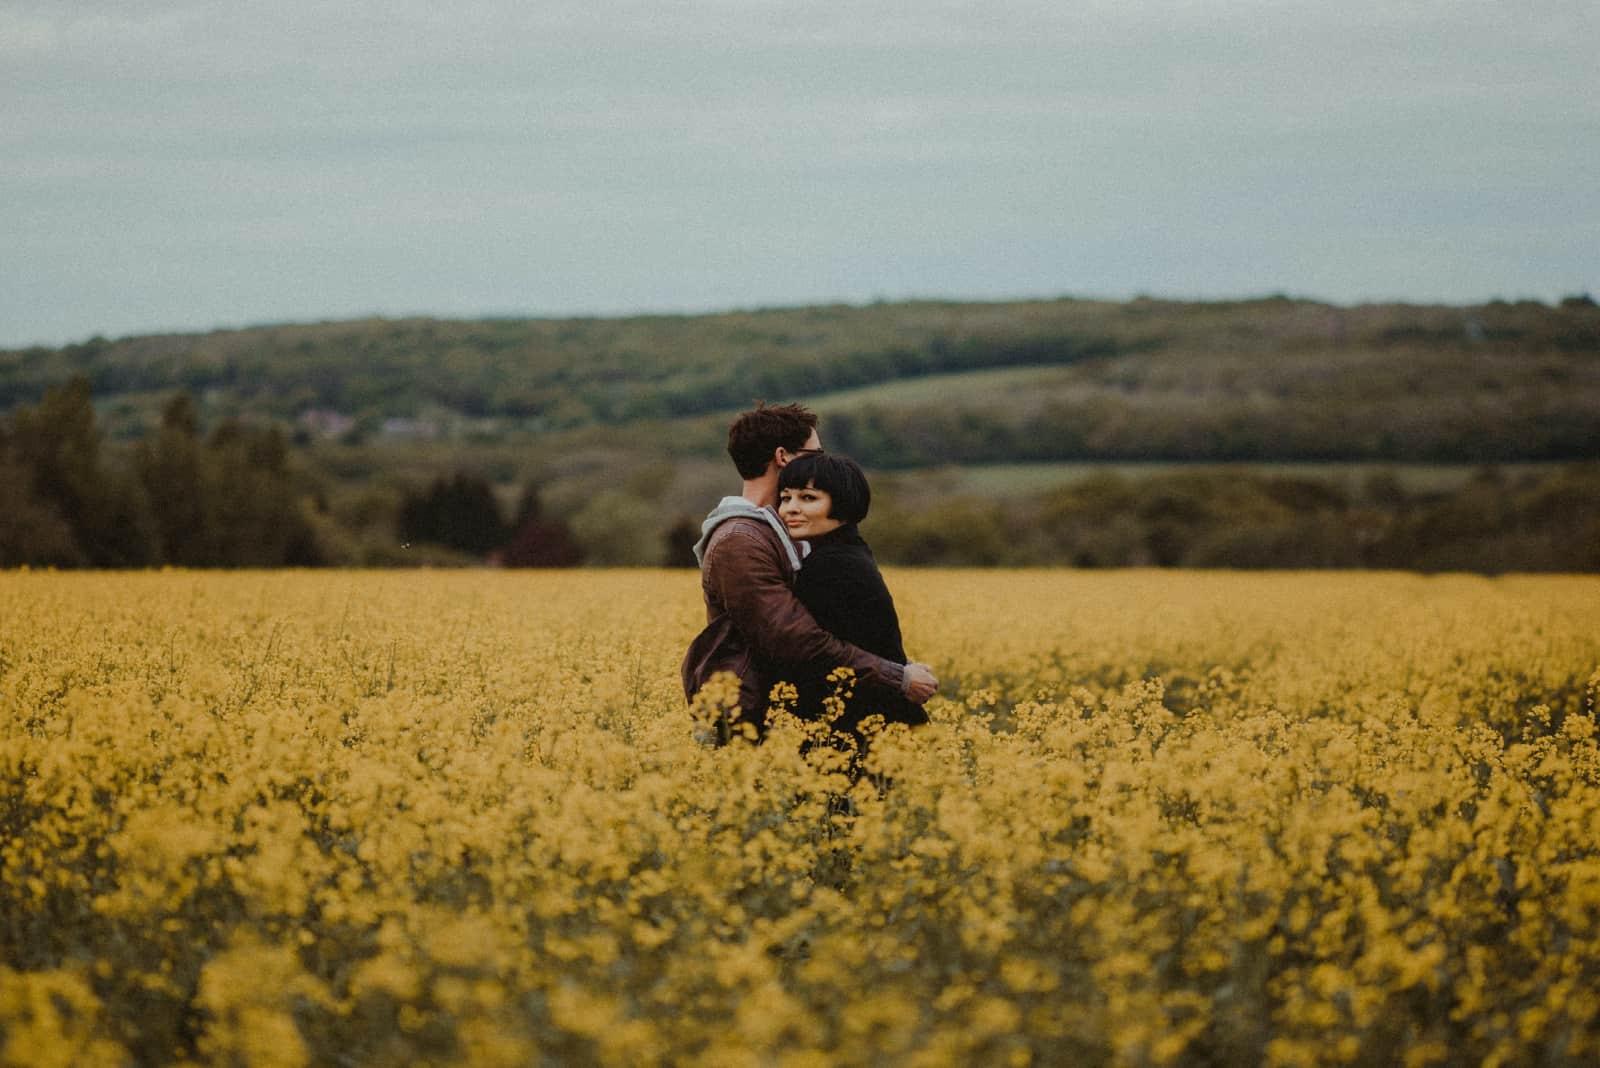 homme et femme s'embrassant en se tenant dans un champ